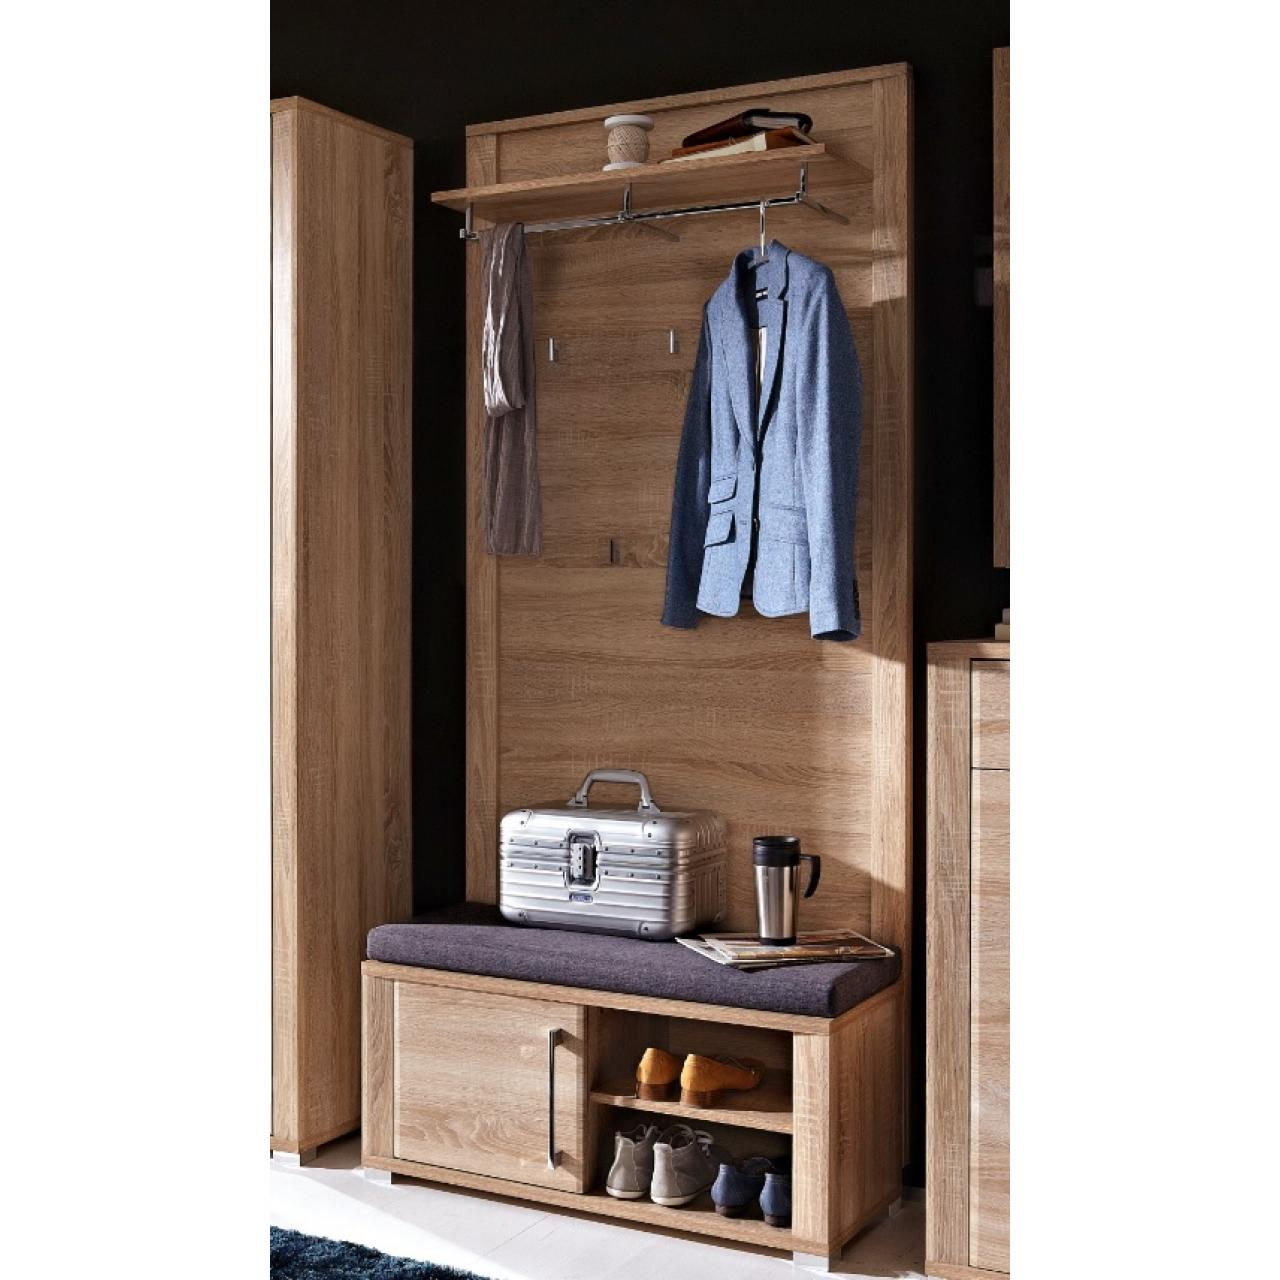 garderobe vera garderoben wohnen m bel j hnichen. Black Bedroom Furniture Sets. Home Design Ideas